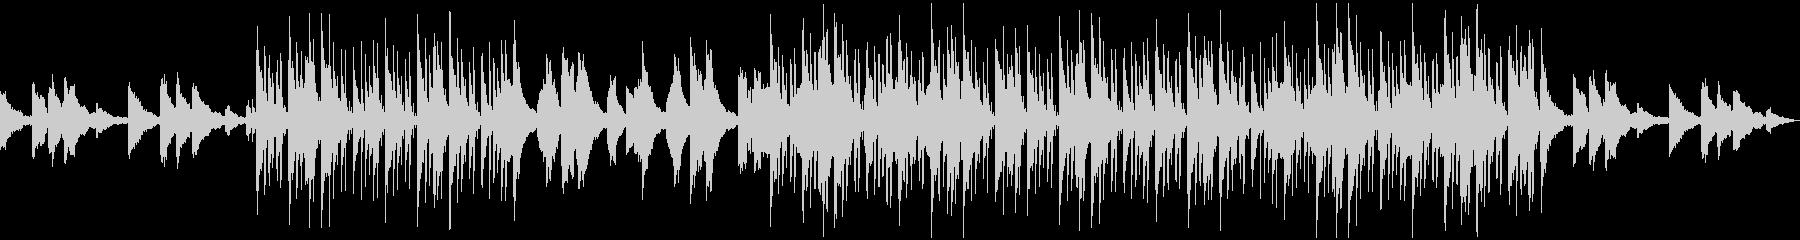 幻想的なBGM・ヒップホップビートの未再生の波形